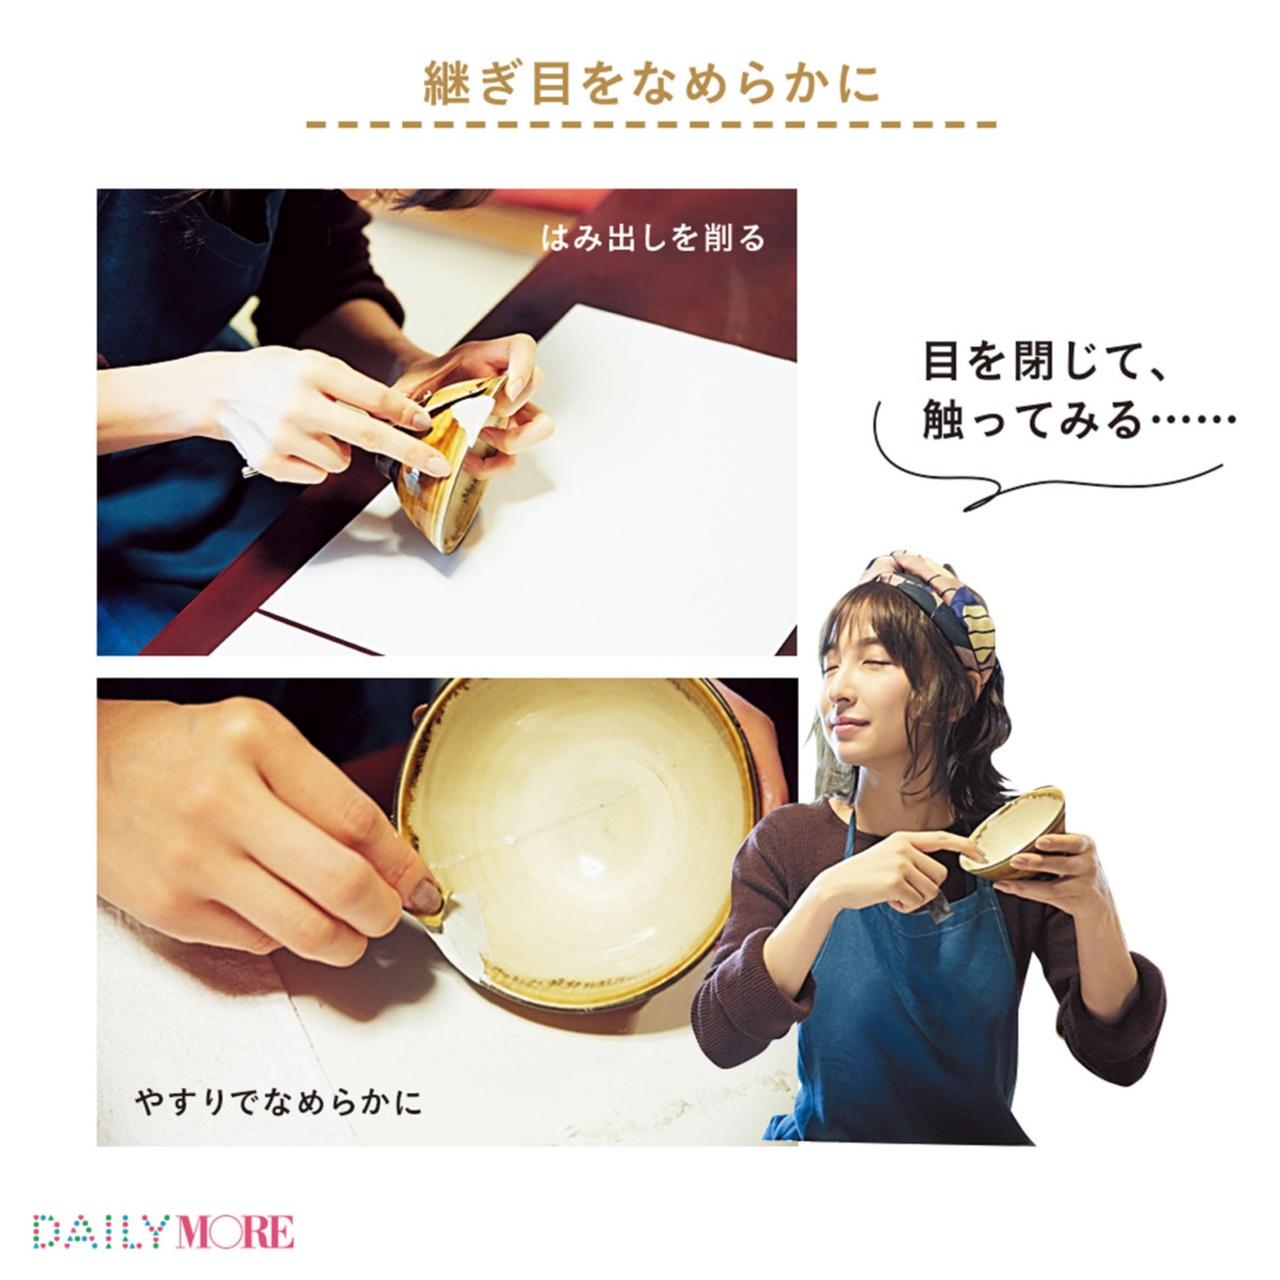 篠田麻里子が体験♡ 話題の「現代風金継ぎ体験」に行こう!【麻里子のナライゴトハジメ】_2_3